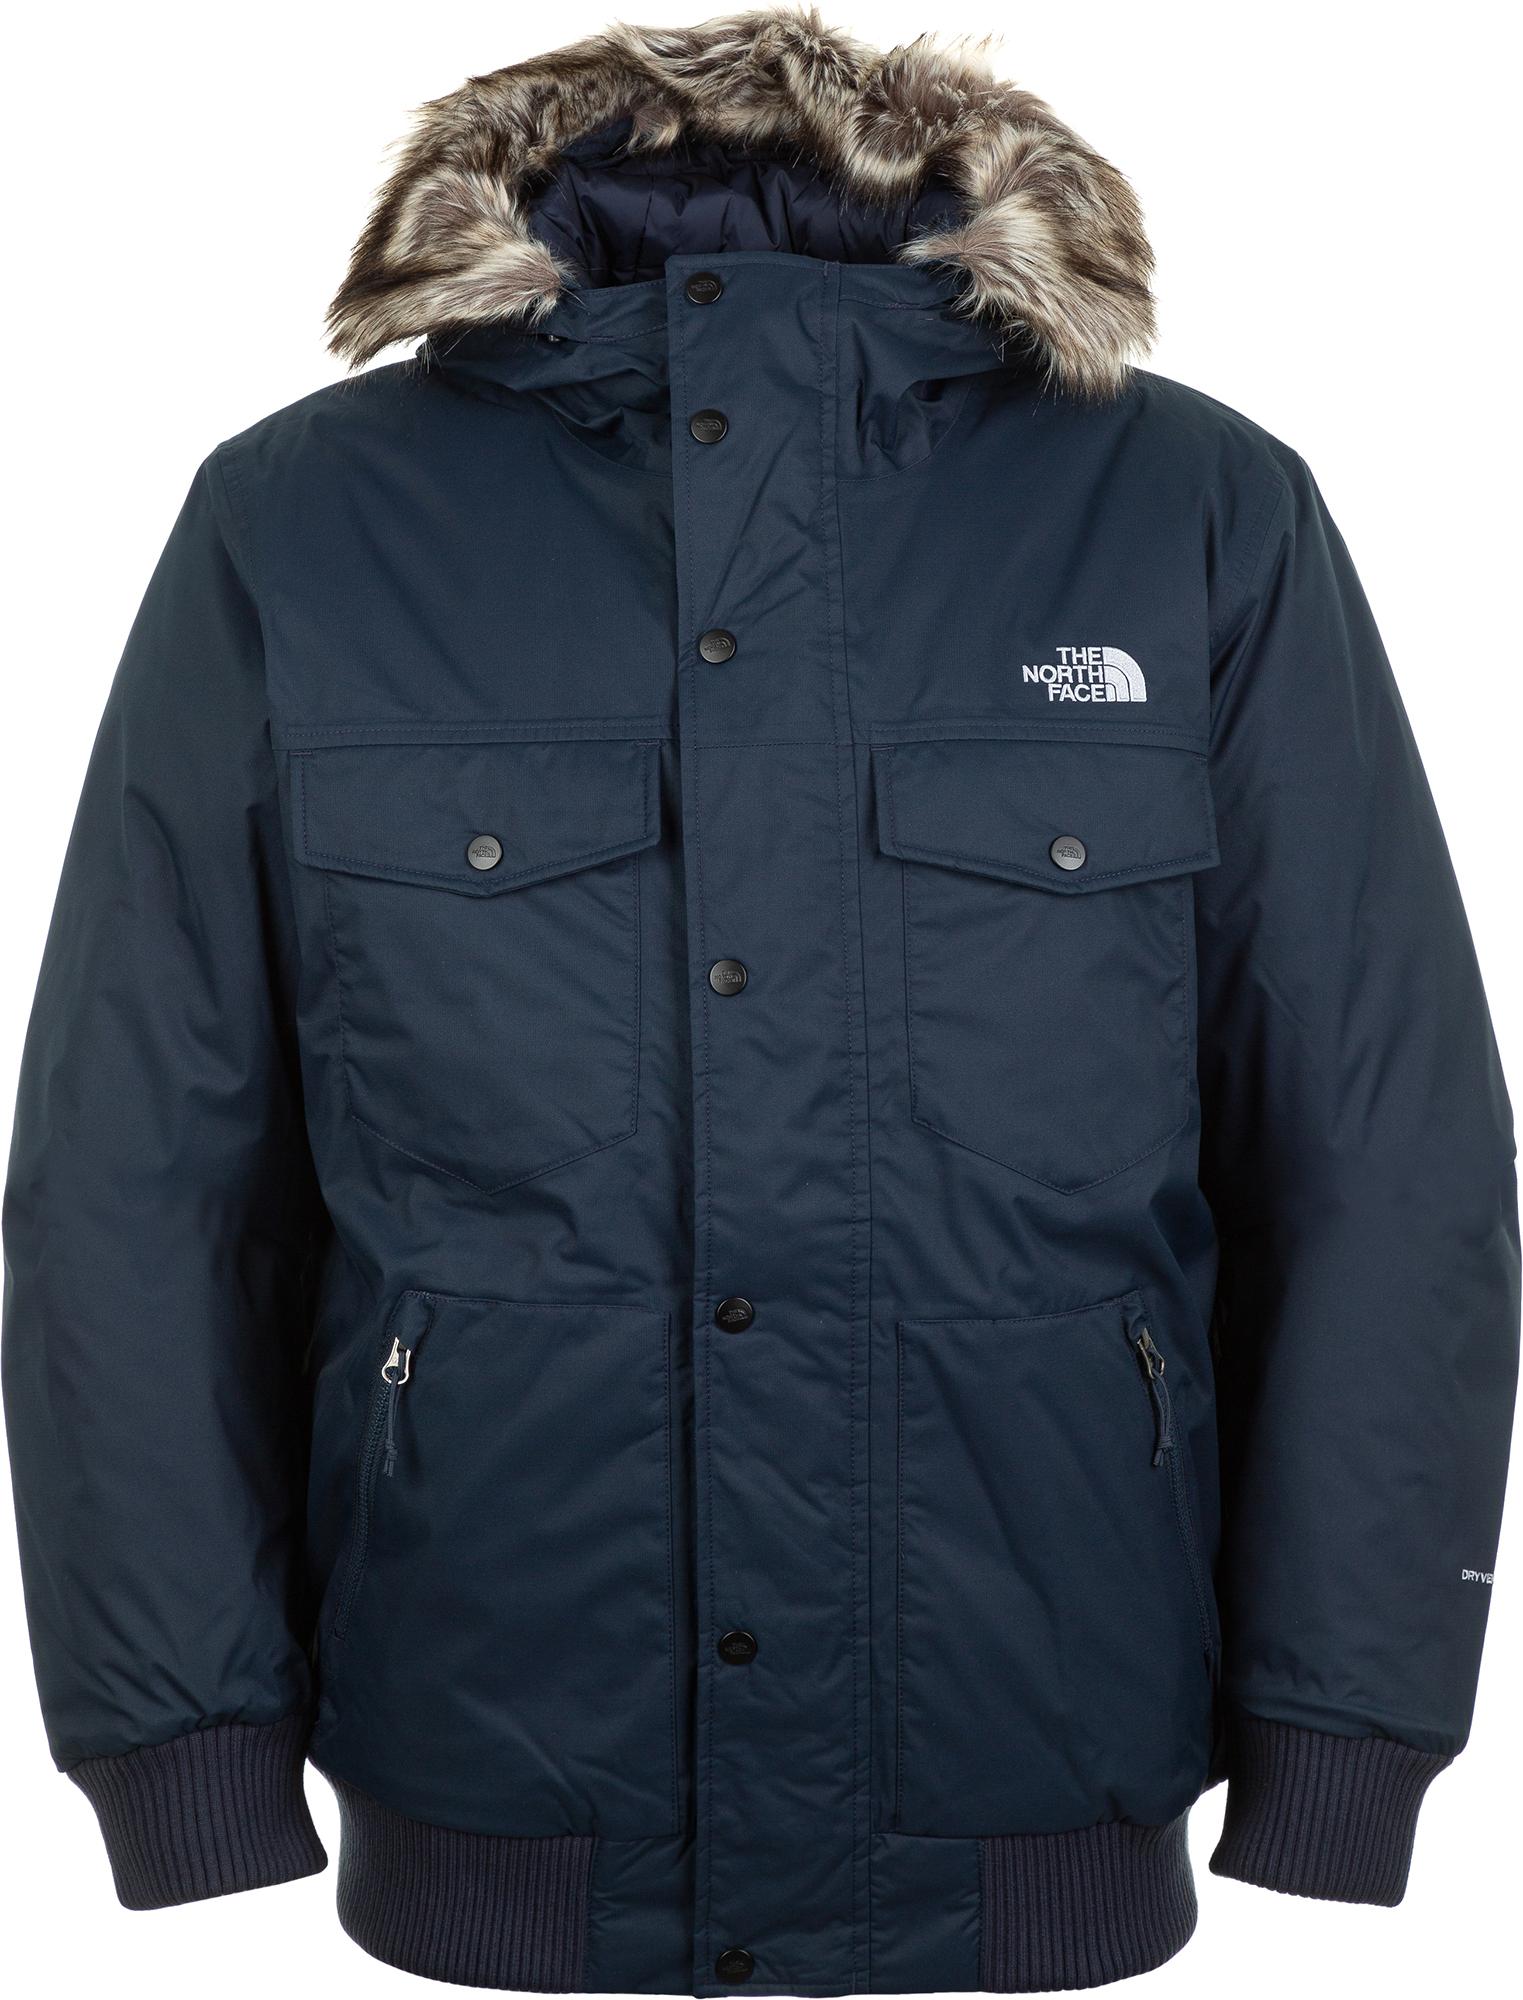 The North Face Куртка утепленная мужская Dubano, размер 52